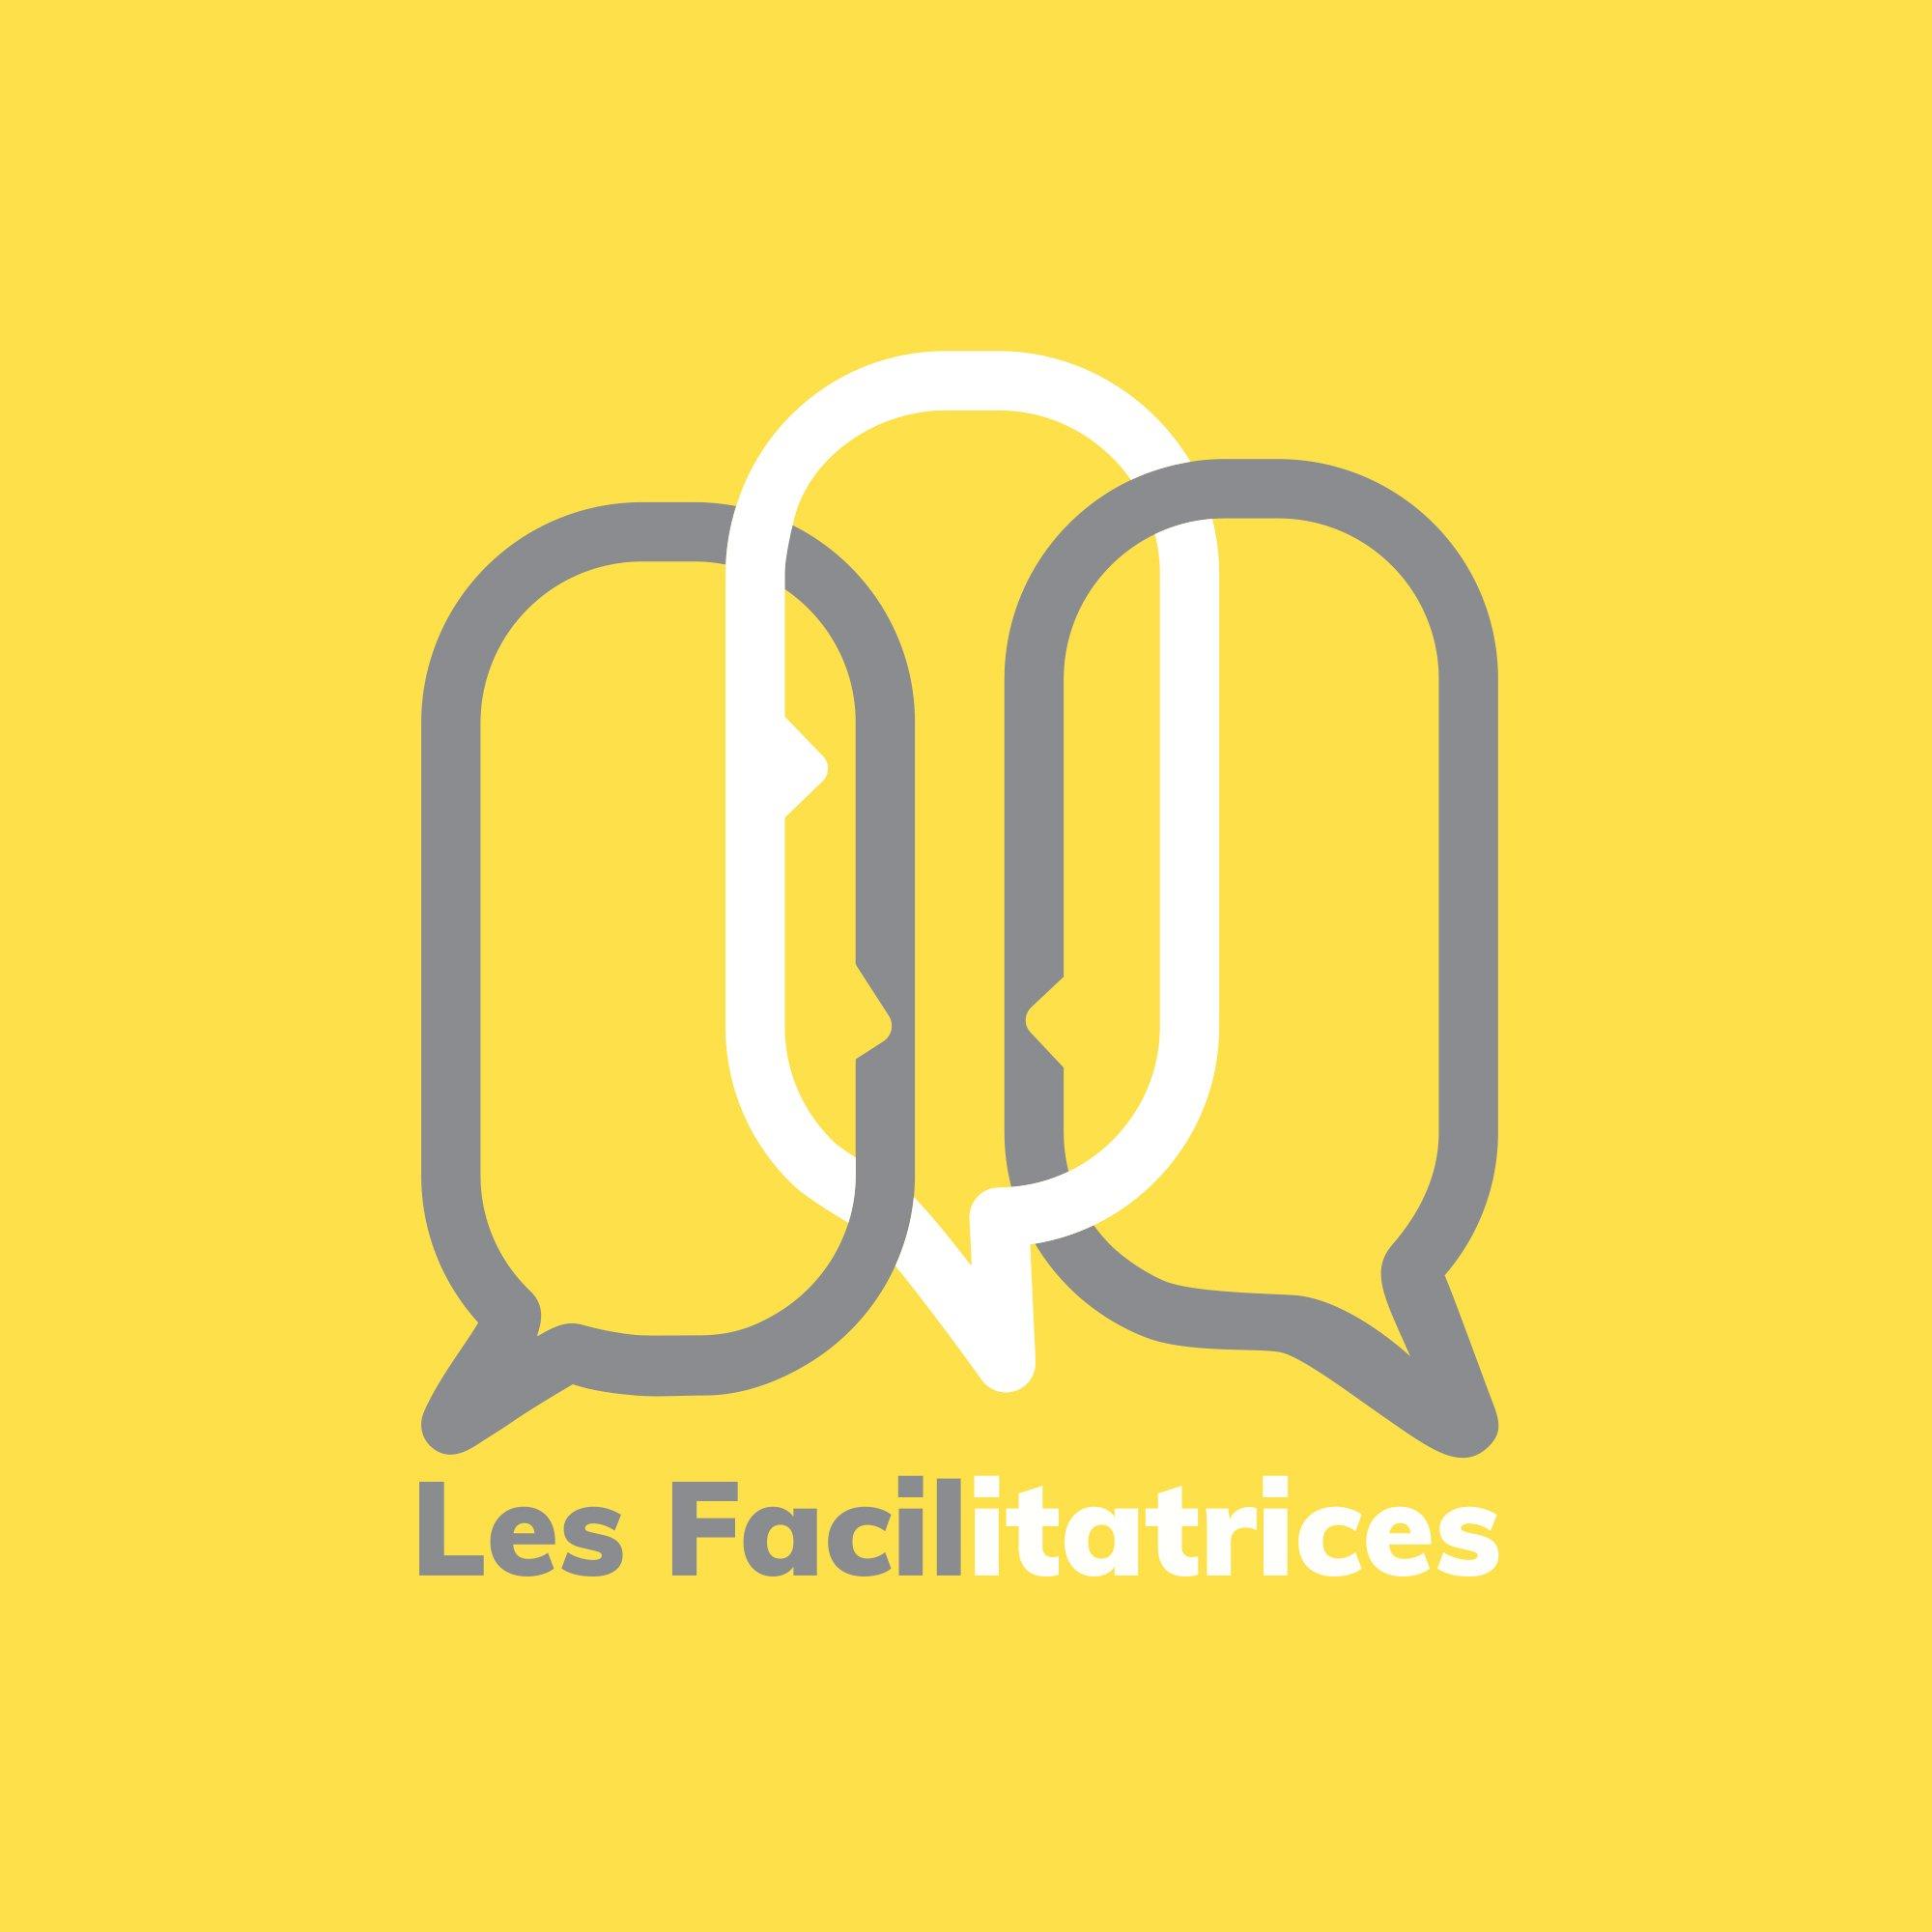 Les Facilitatrices logo sur fond jaune